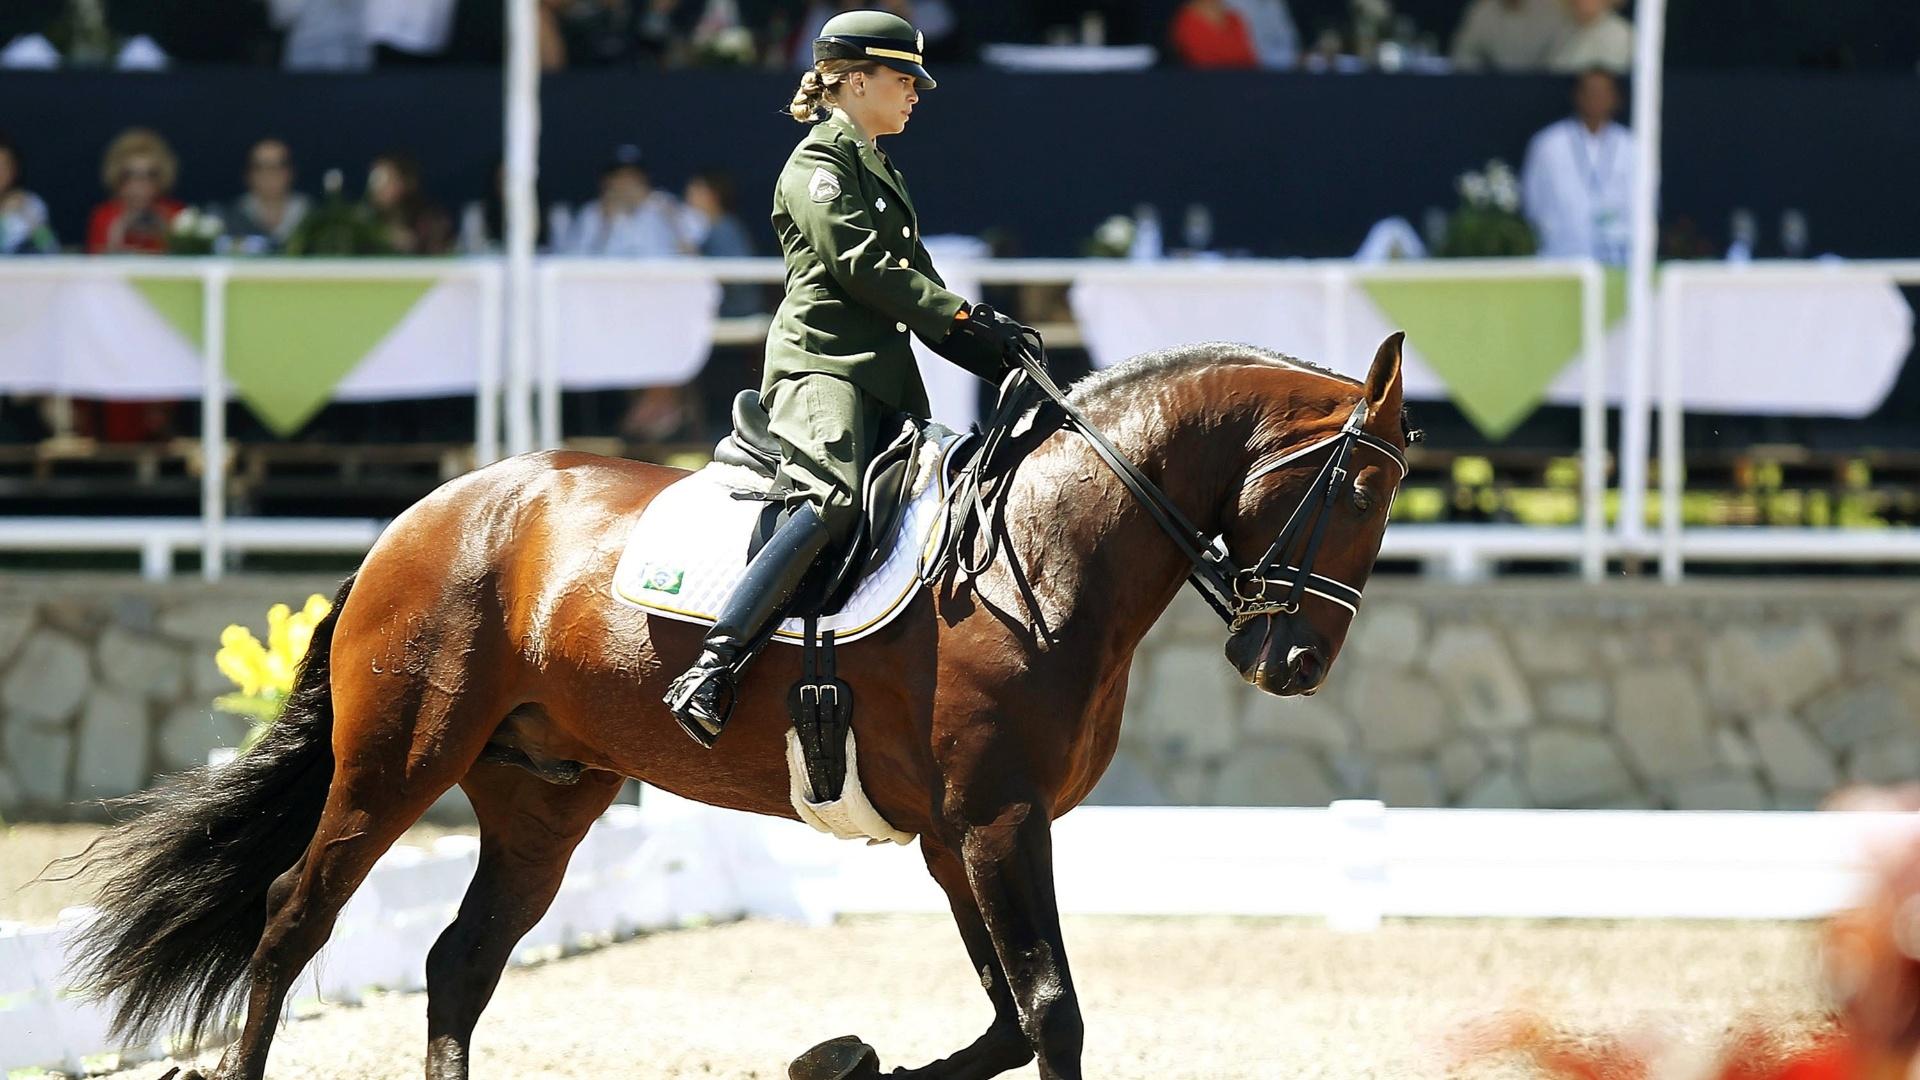 Luiza Almeida se apresenta com o cavalo Pastor durante o adestramento por equipes do Pan (16/10/2011)